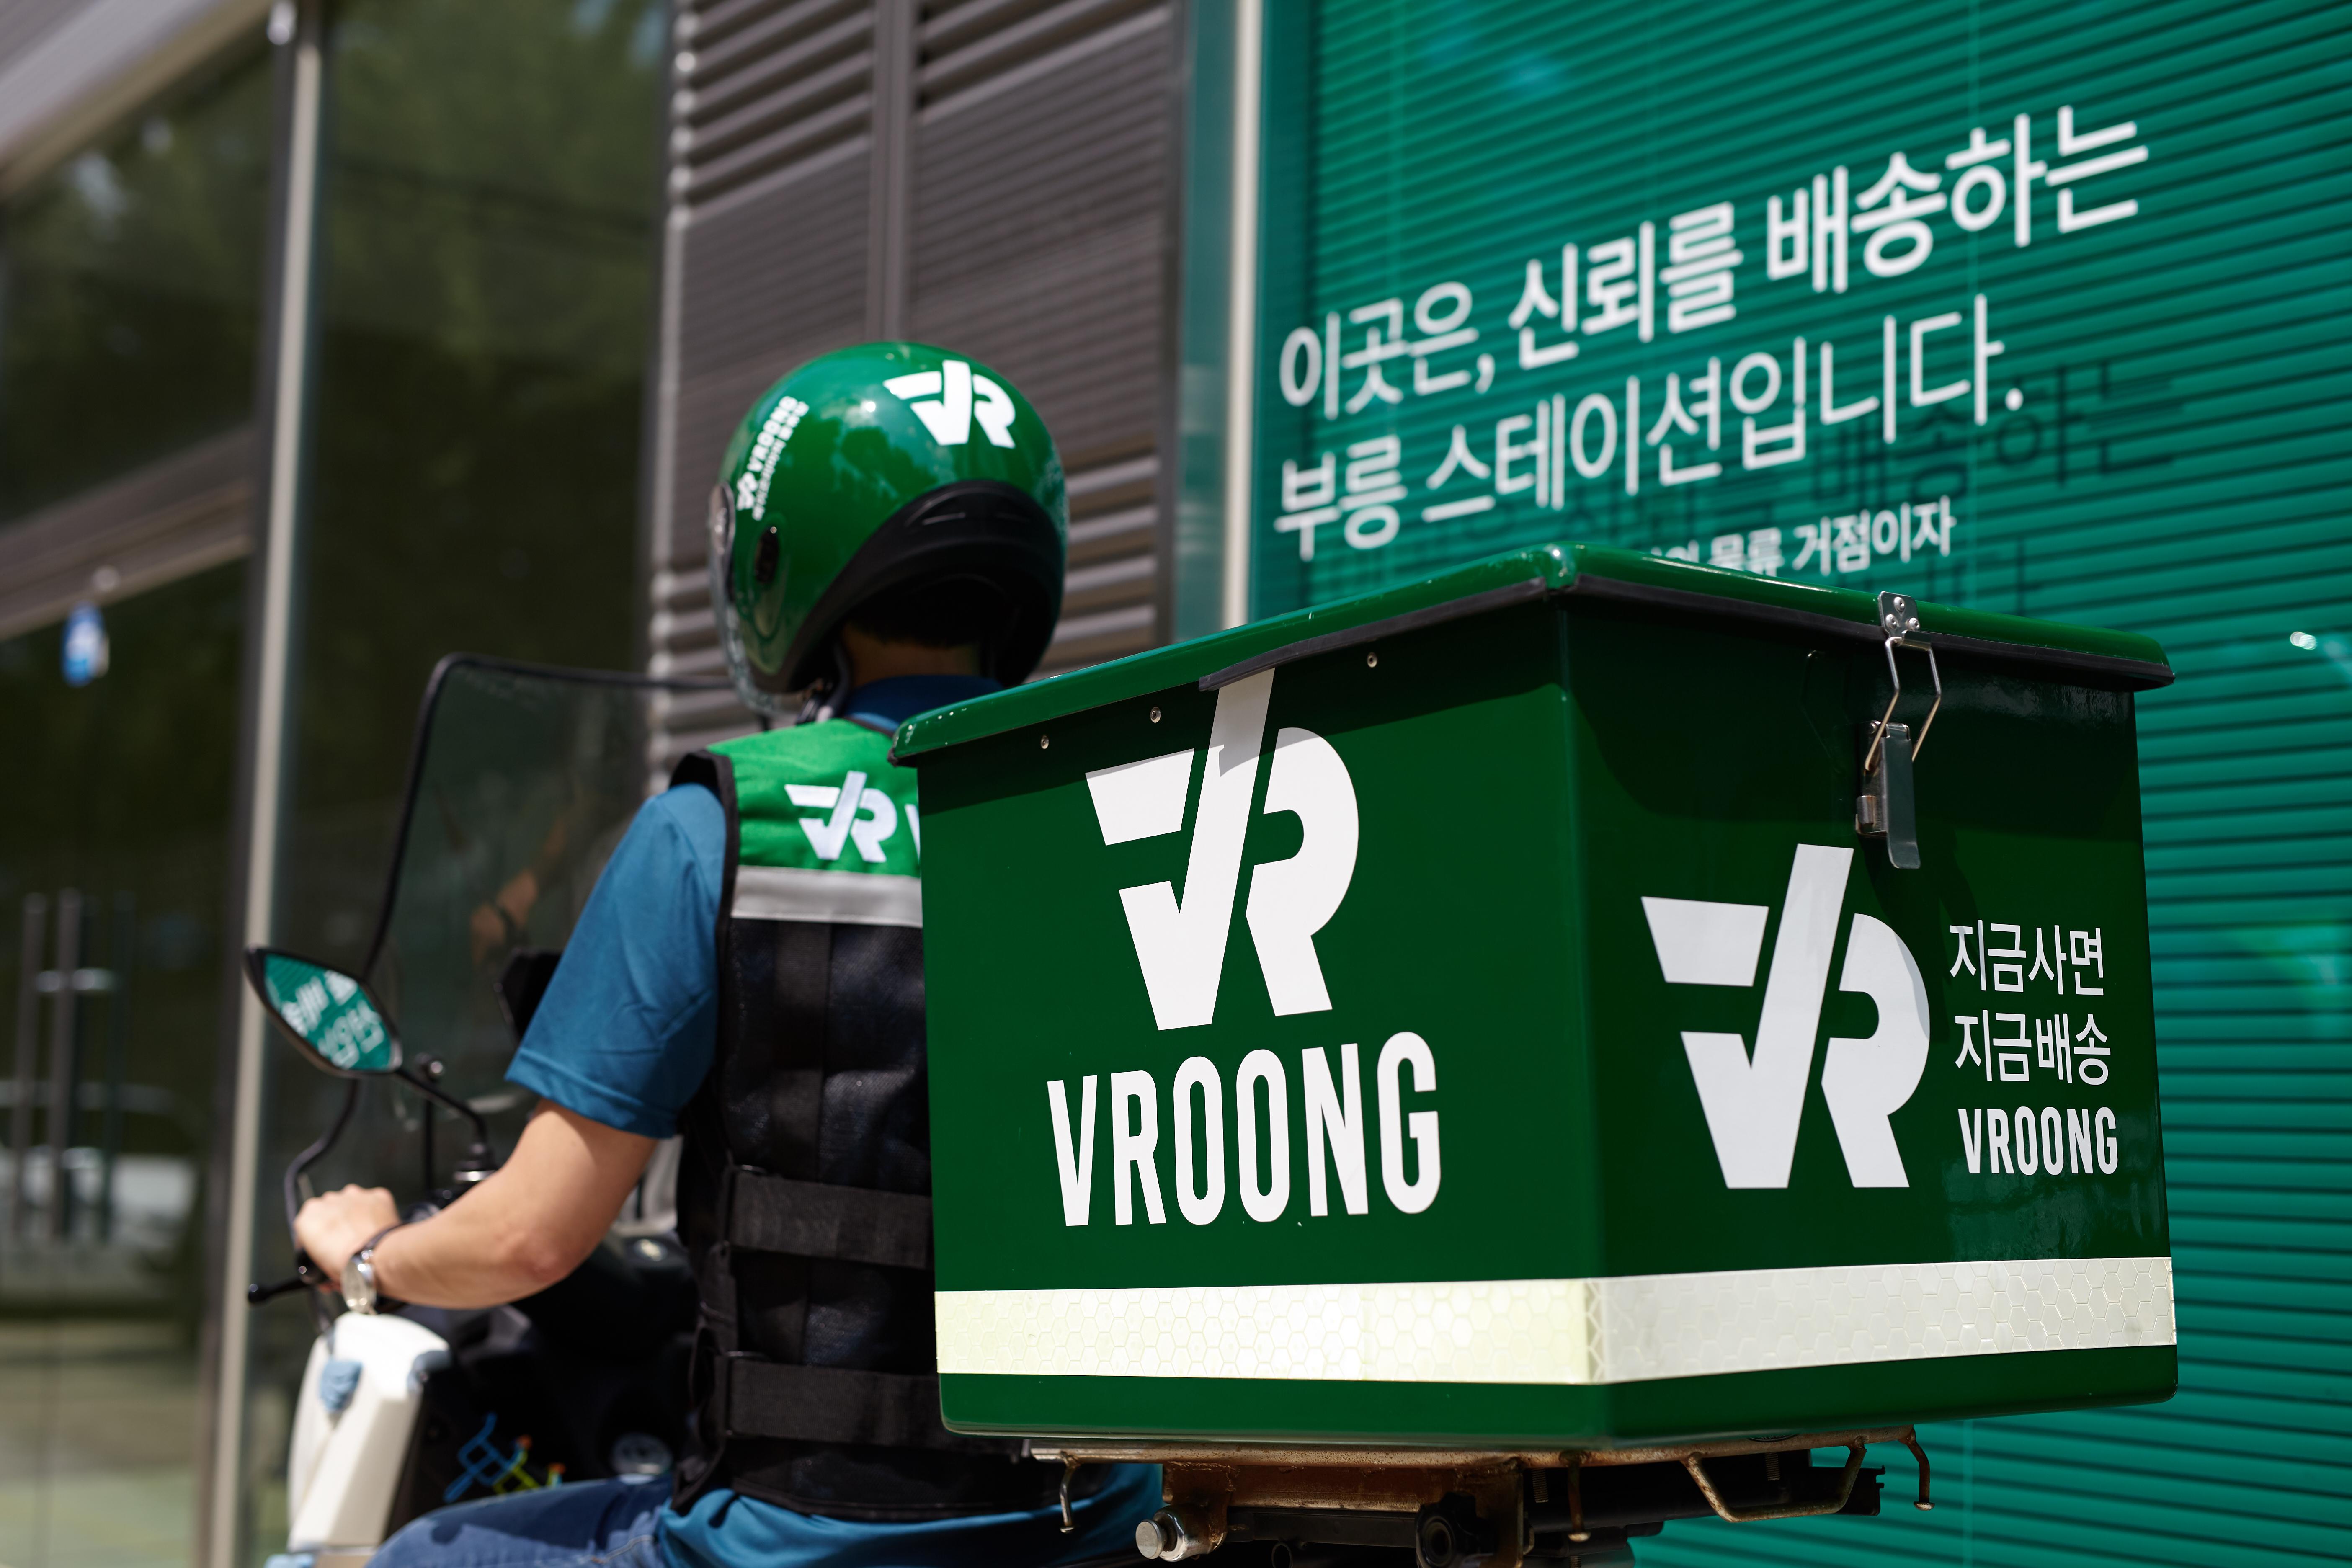 [SW 기업 탐방] 선진 물류 시스템을 꿈꾼다, 메쉬코리아-부릉